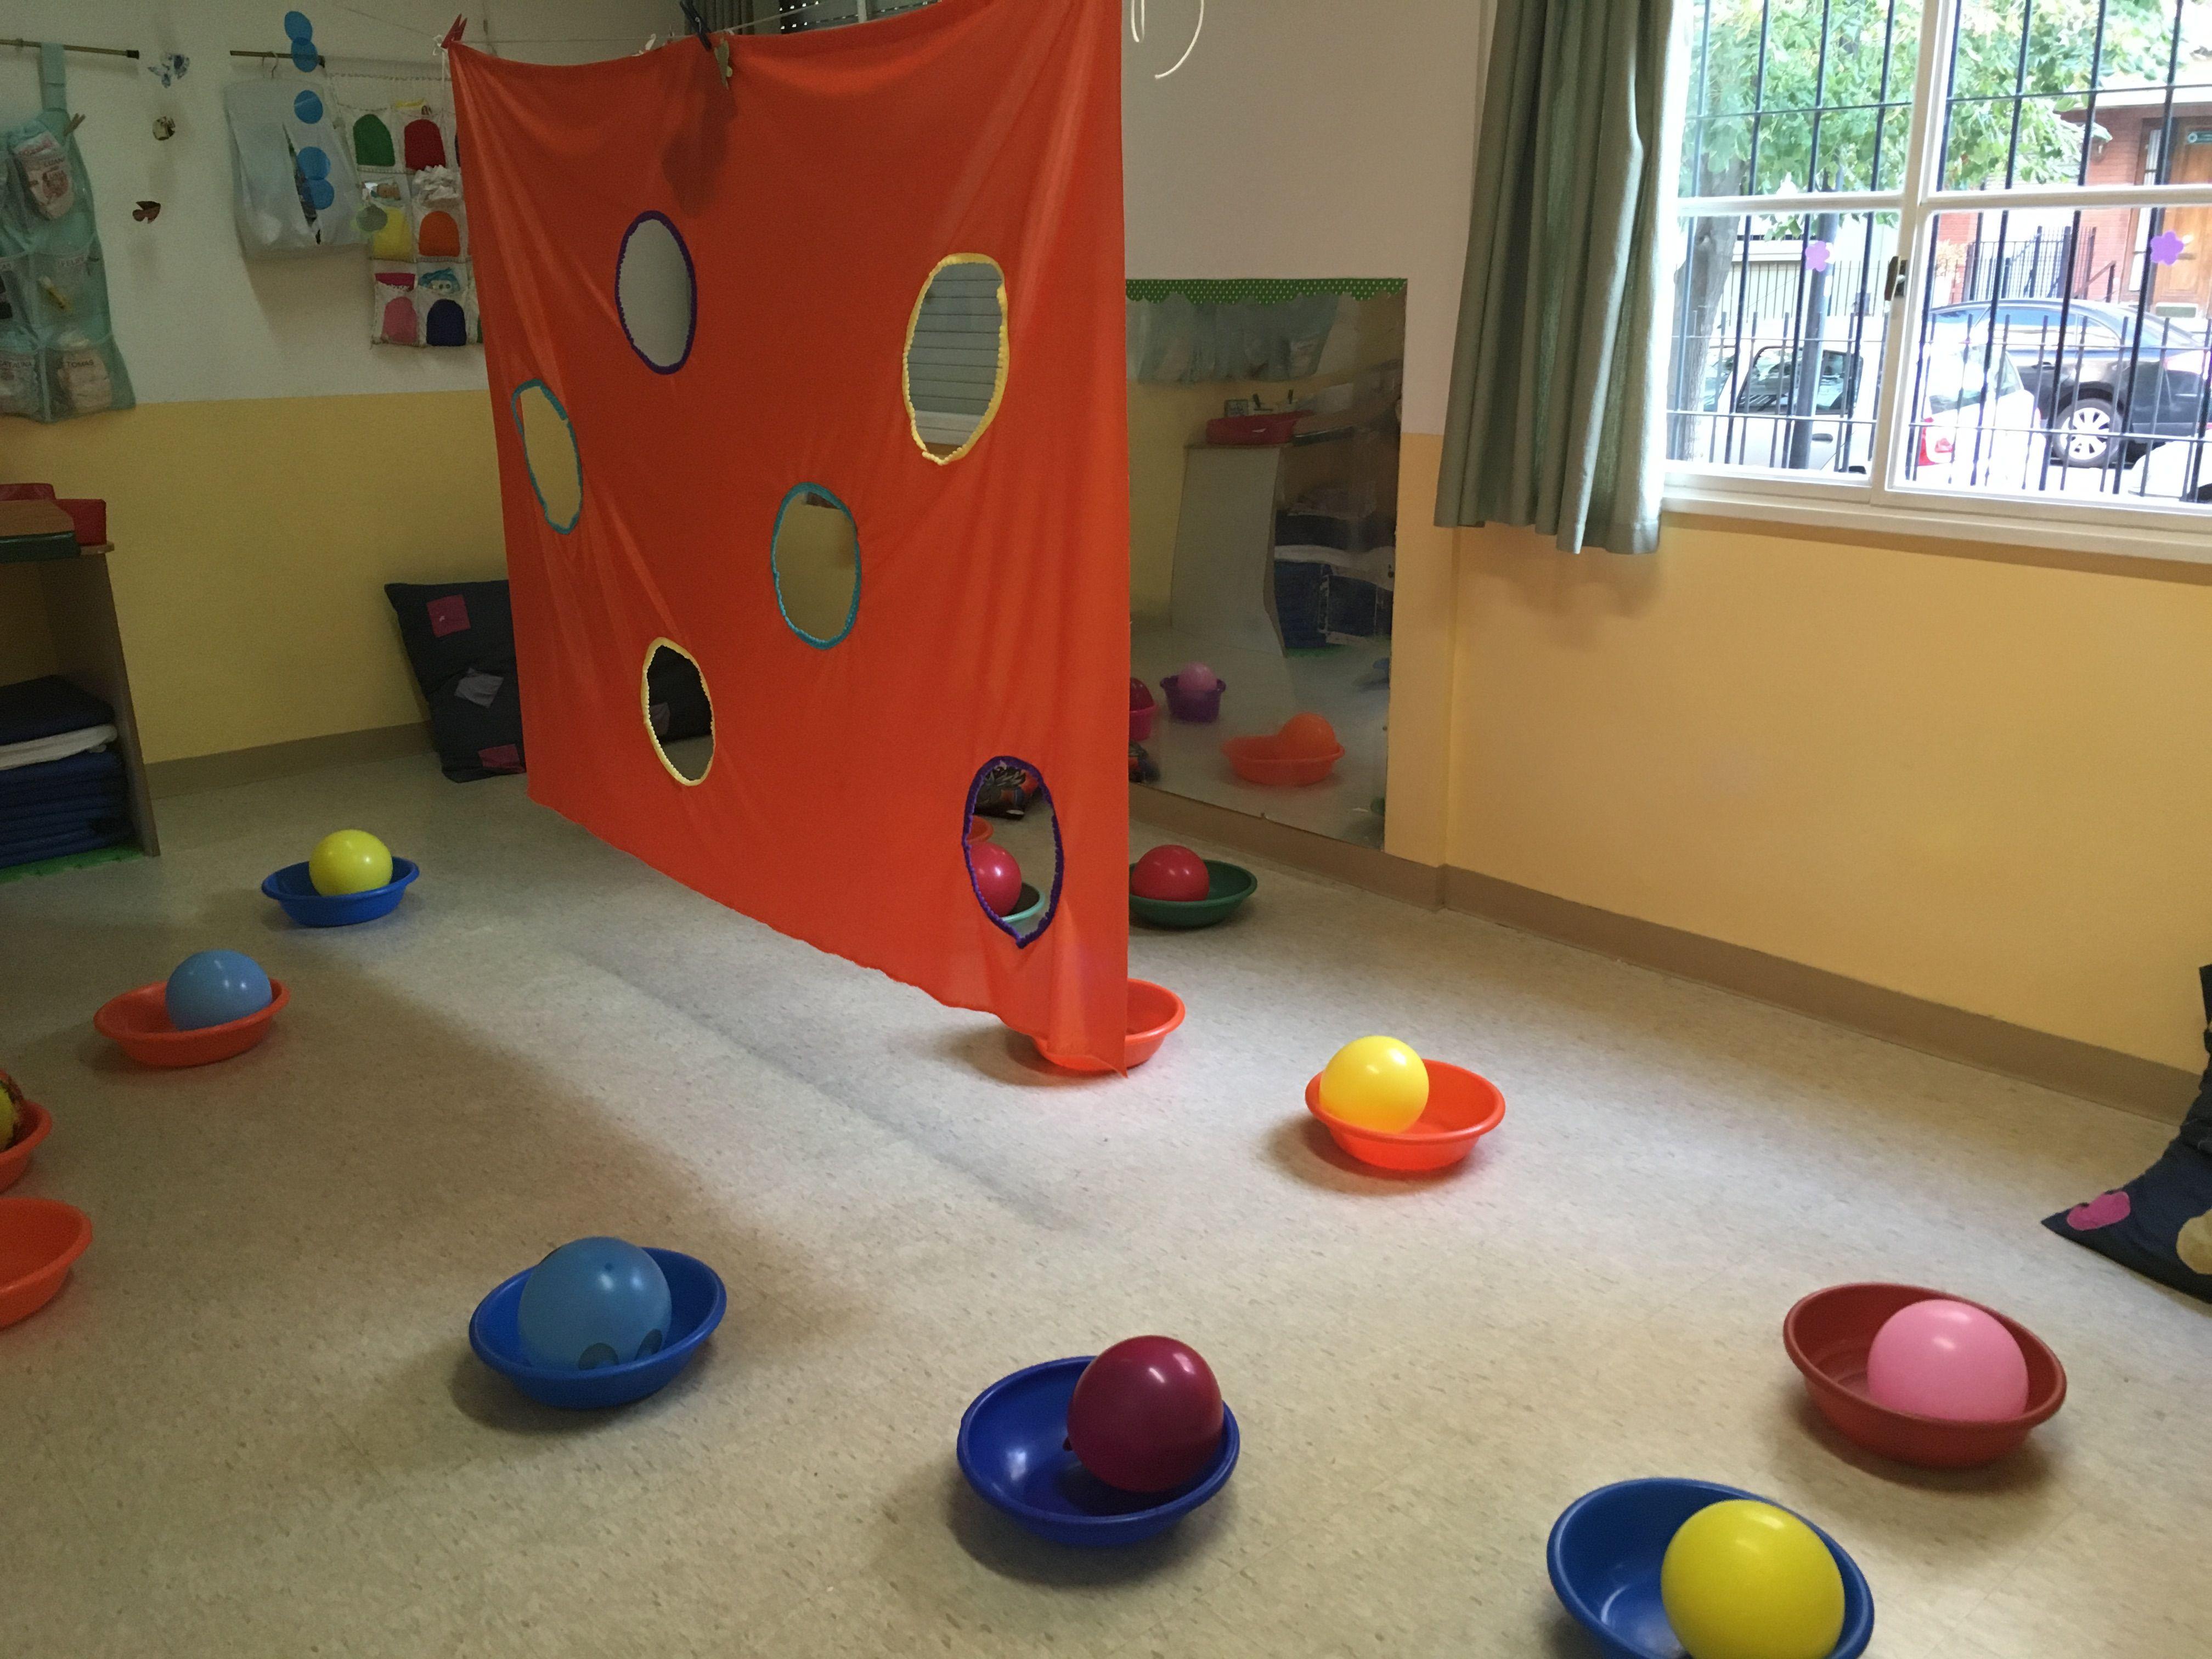 Preescolar Y Jardin De Infantes: Juegos Nivel Inicial, Juegos